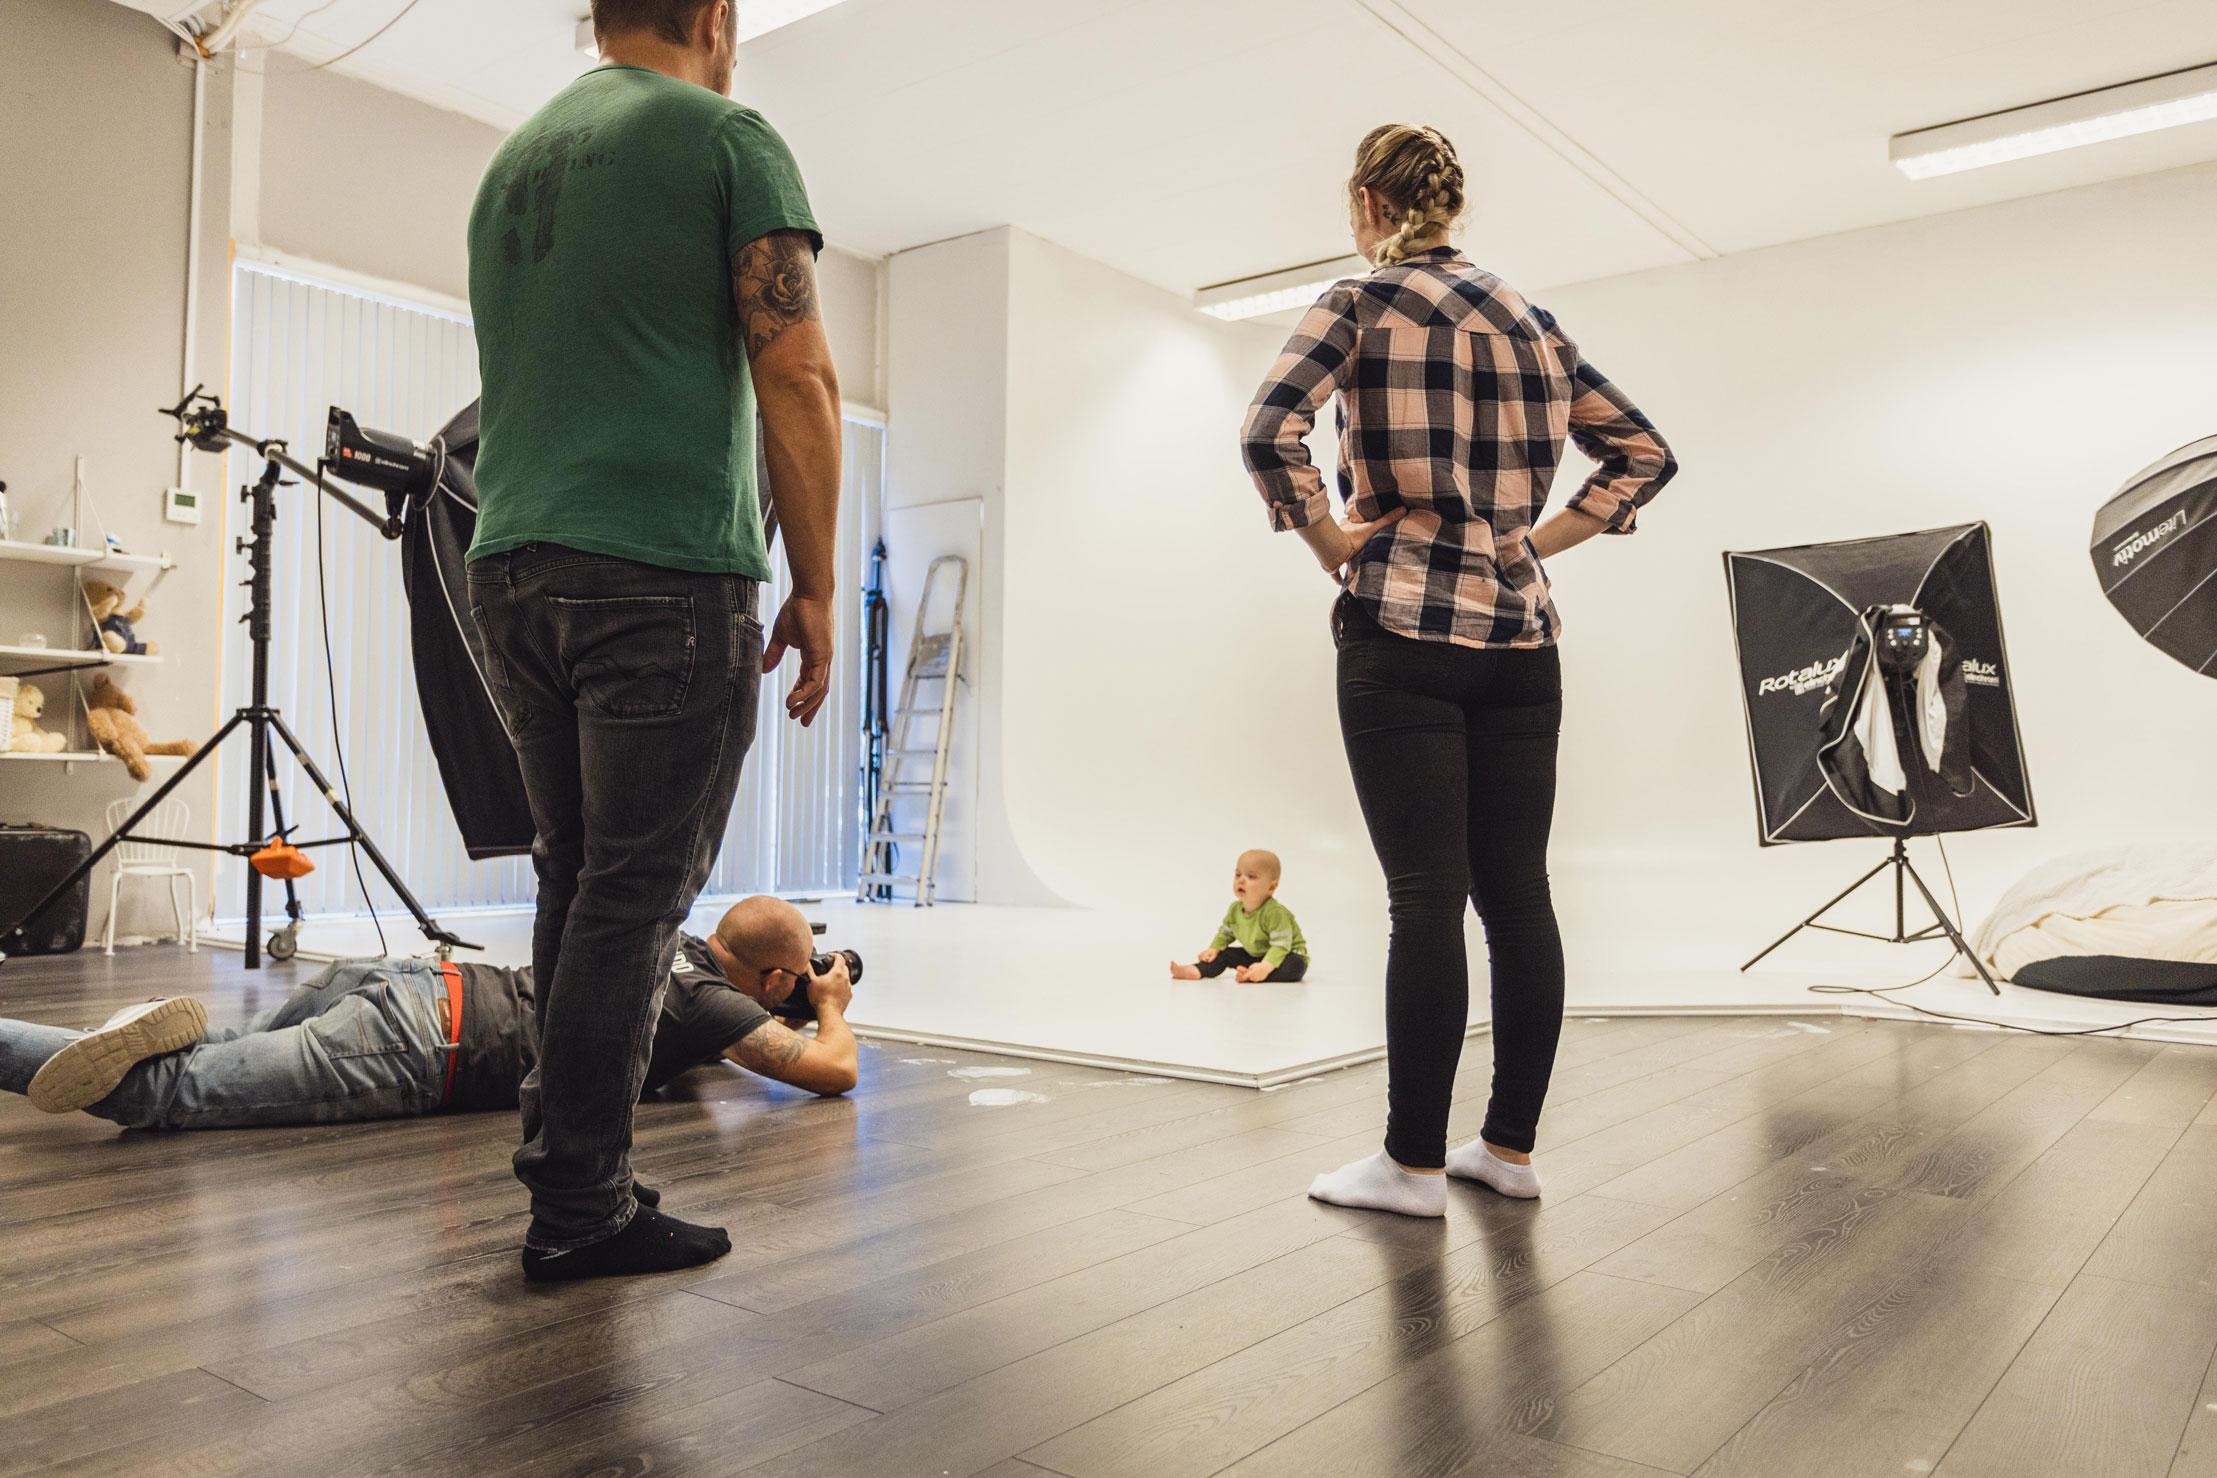 Elite Studio reklamfoto reklamfilm filmproduktion Reklam, content, marknadsföring, fotograf, fotografi, foto, video, Videograf